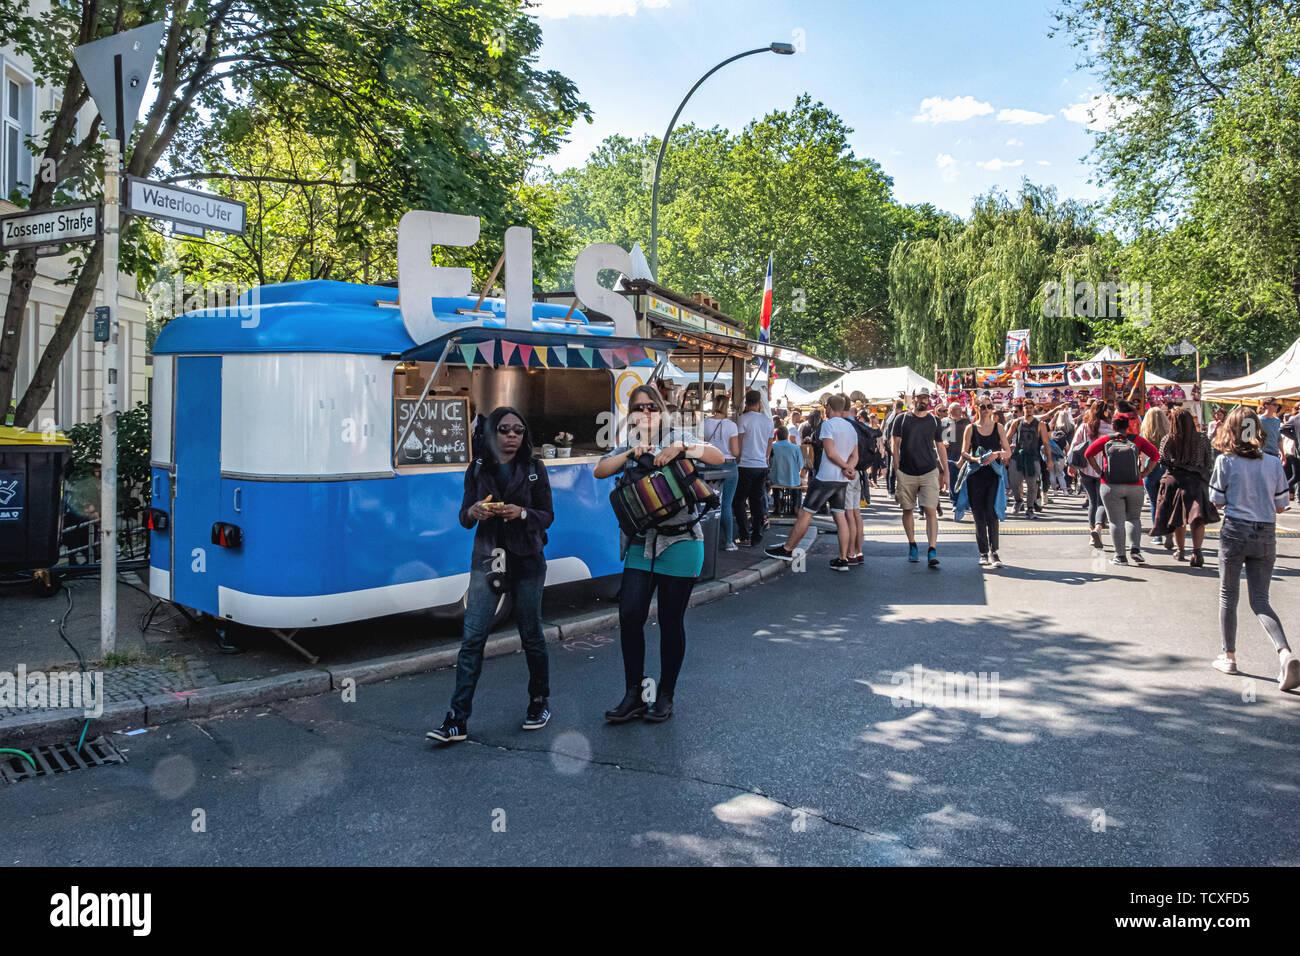 Berlín, Kreuzberg, Blücherplatz. 7 -10 de junio de 2019. Carnaval de las culturas street festival: un evento anual en Pentecostés, que celebra la diversidad multicultural de la ciudad con musicales, culturales y puestos de venta de comida y bebidas de todo el mundo, el crédito: Eden Breitz/Alamy Imagen De Stock